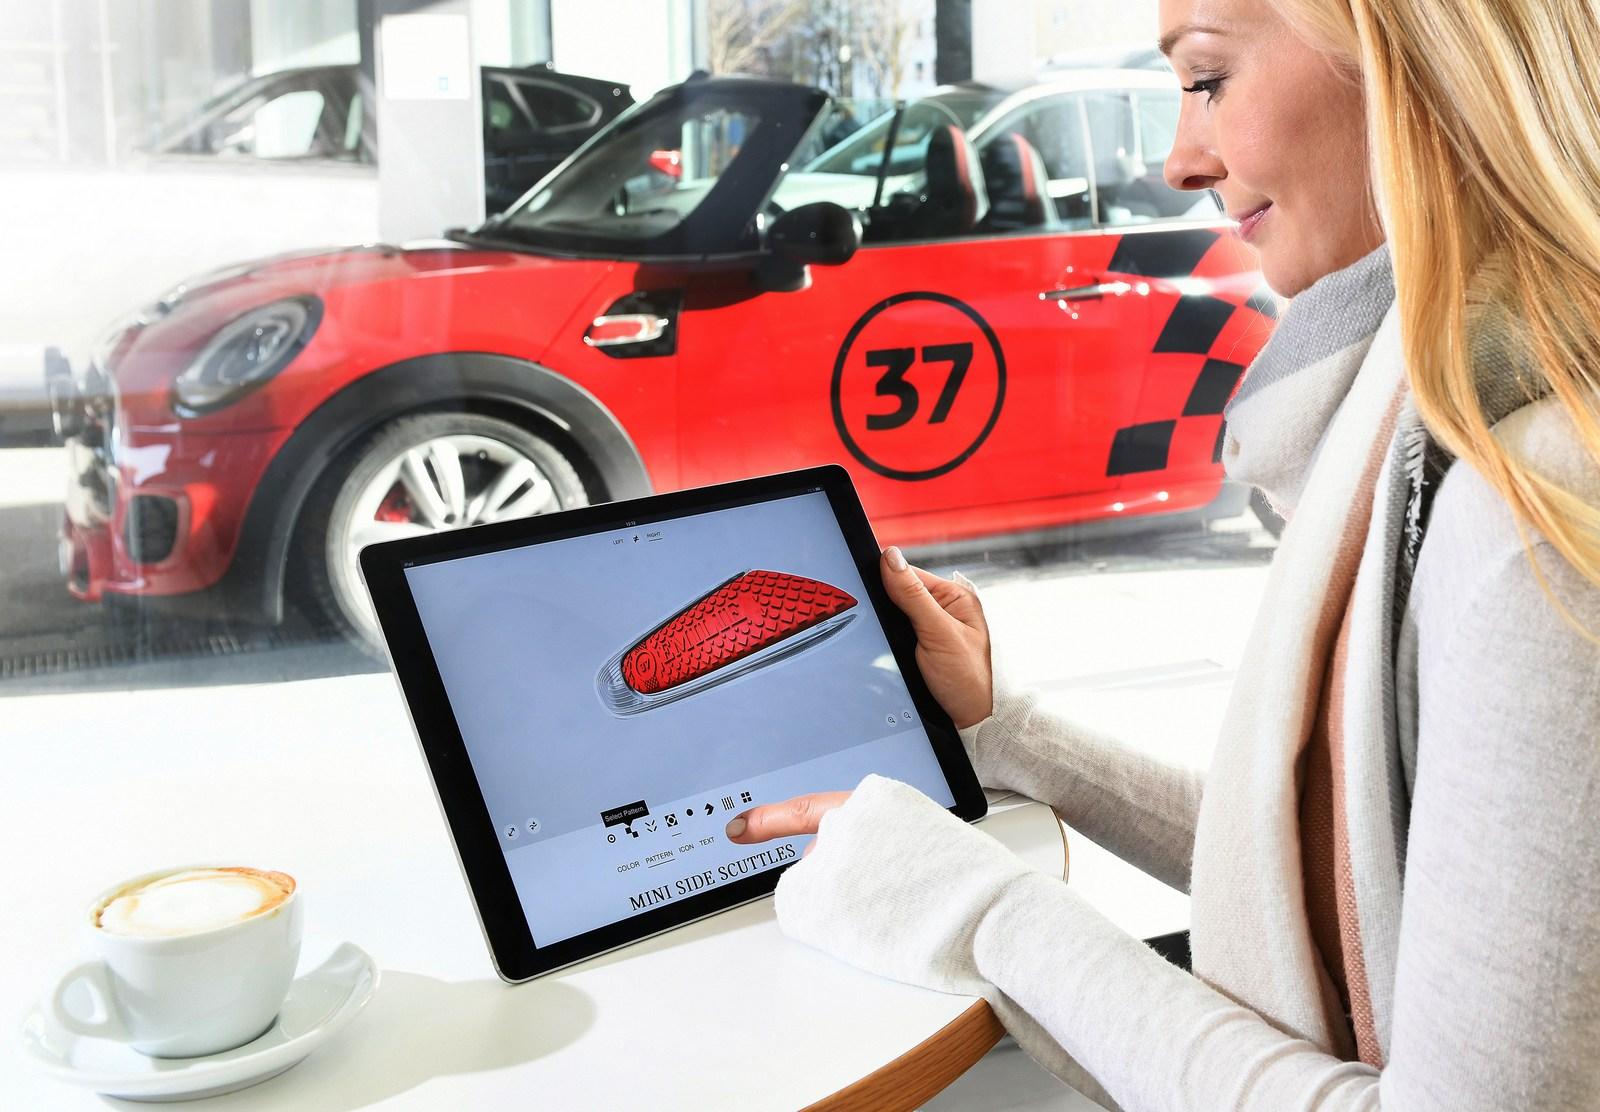 ミニがカスタマイズパーツの3Dプリンティングサービスを開始